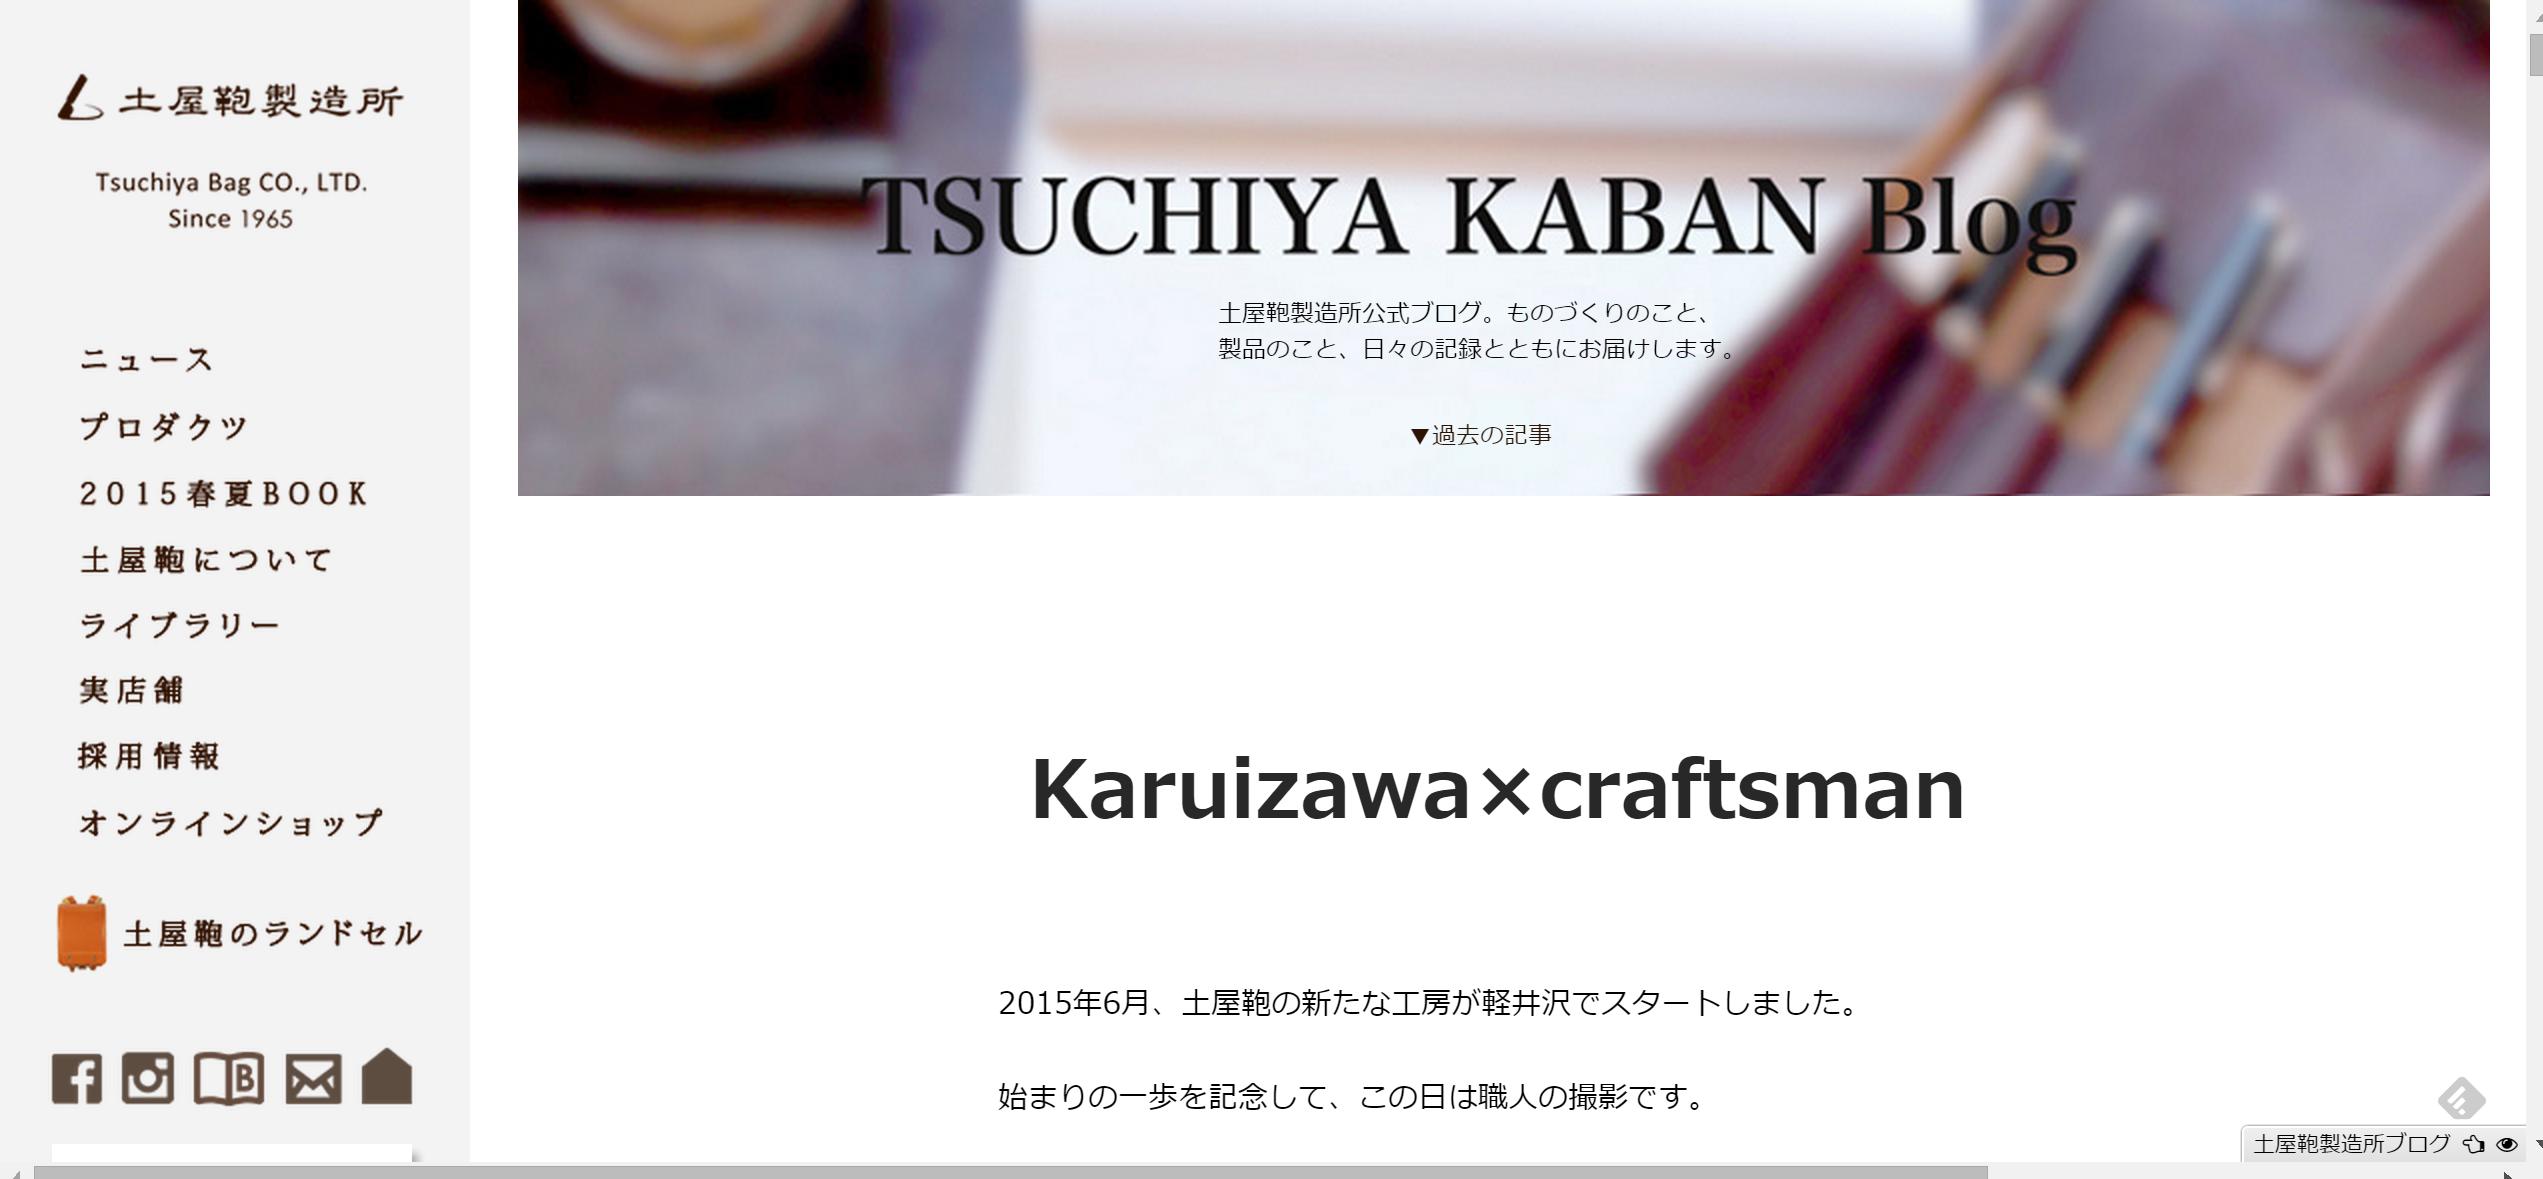 土屋鞄製造所ブログ